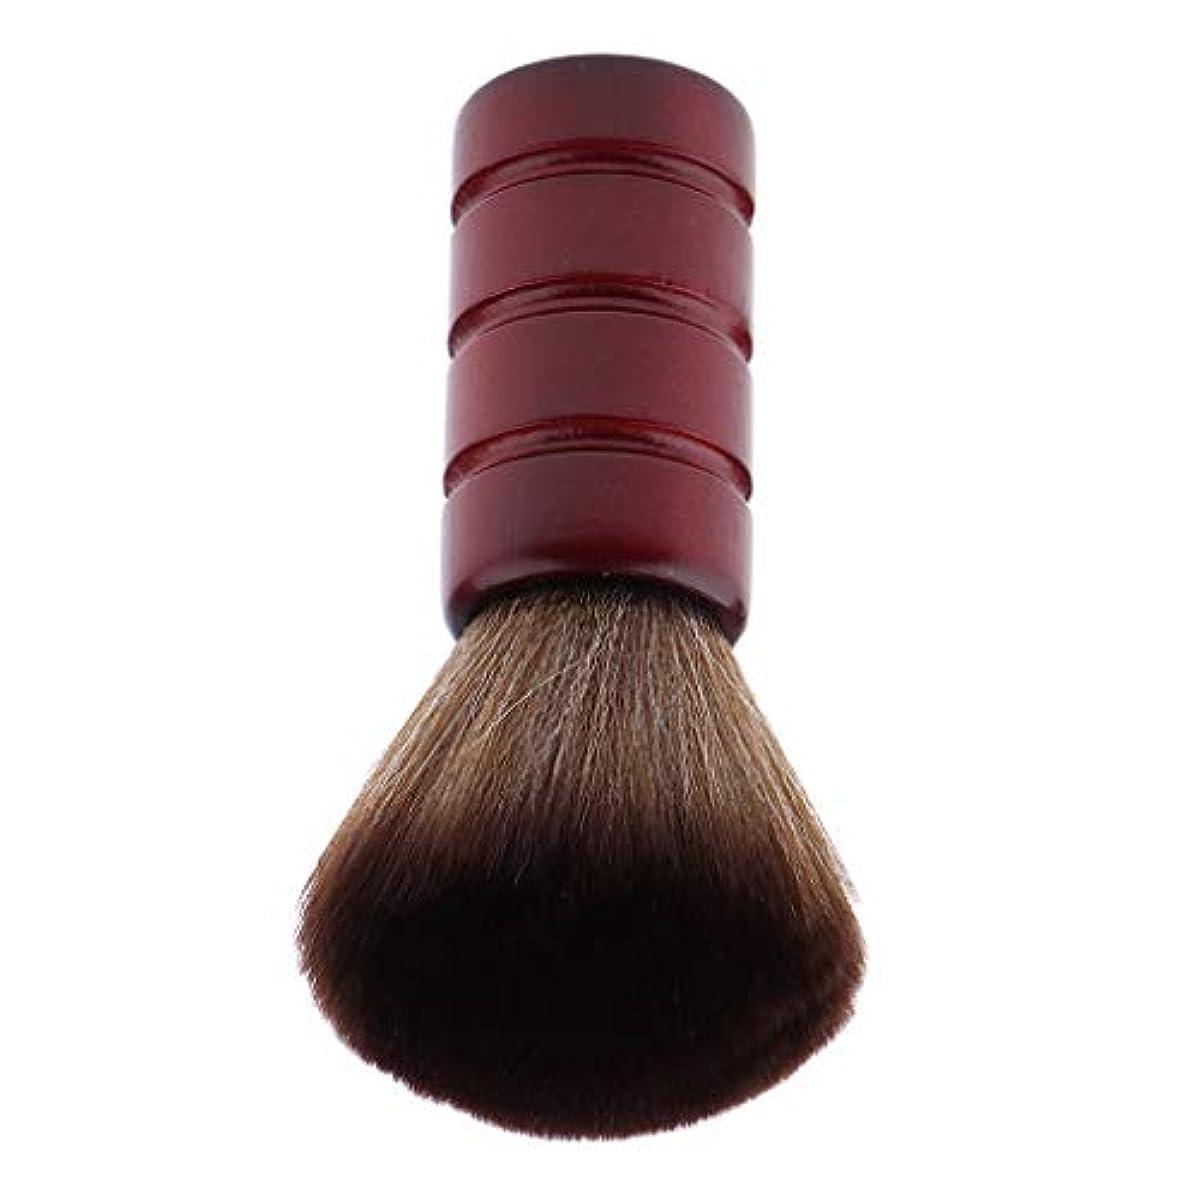 宣言事パキスタン人F Fityle バーバー ネックダスターブラシ 理髪 サロン 顔のダスターブラシ シェービング ヘアカット ブラシ